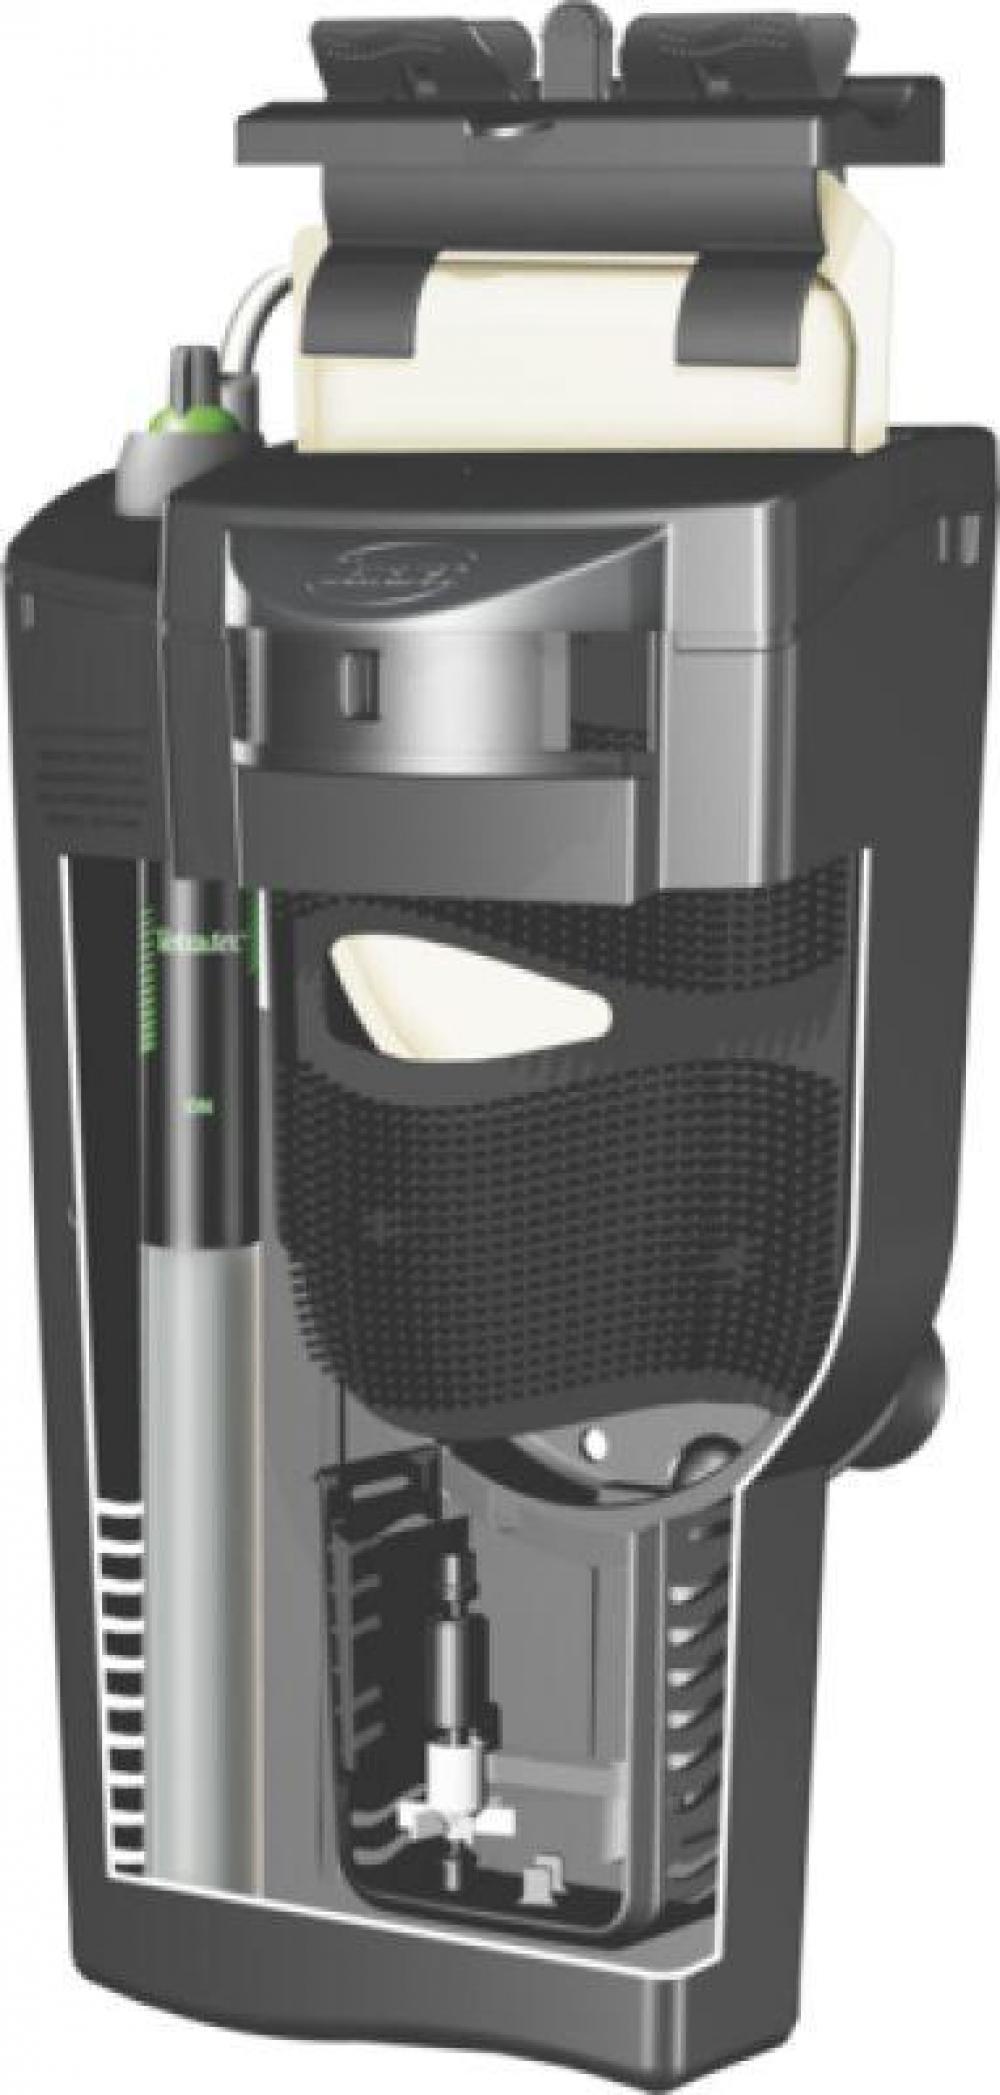 Фильтр внутренний Tetra EasyCrystal FilterBox 600 для аквариумов от 50 до 150 л. - 2